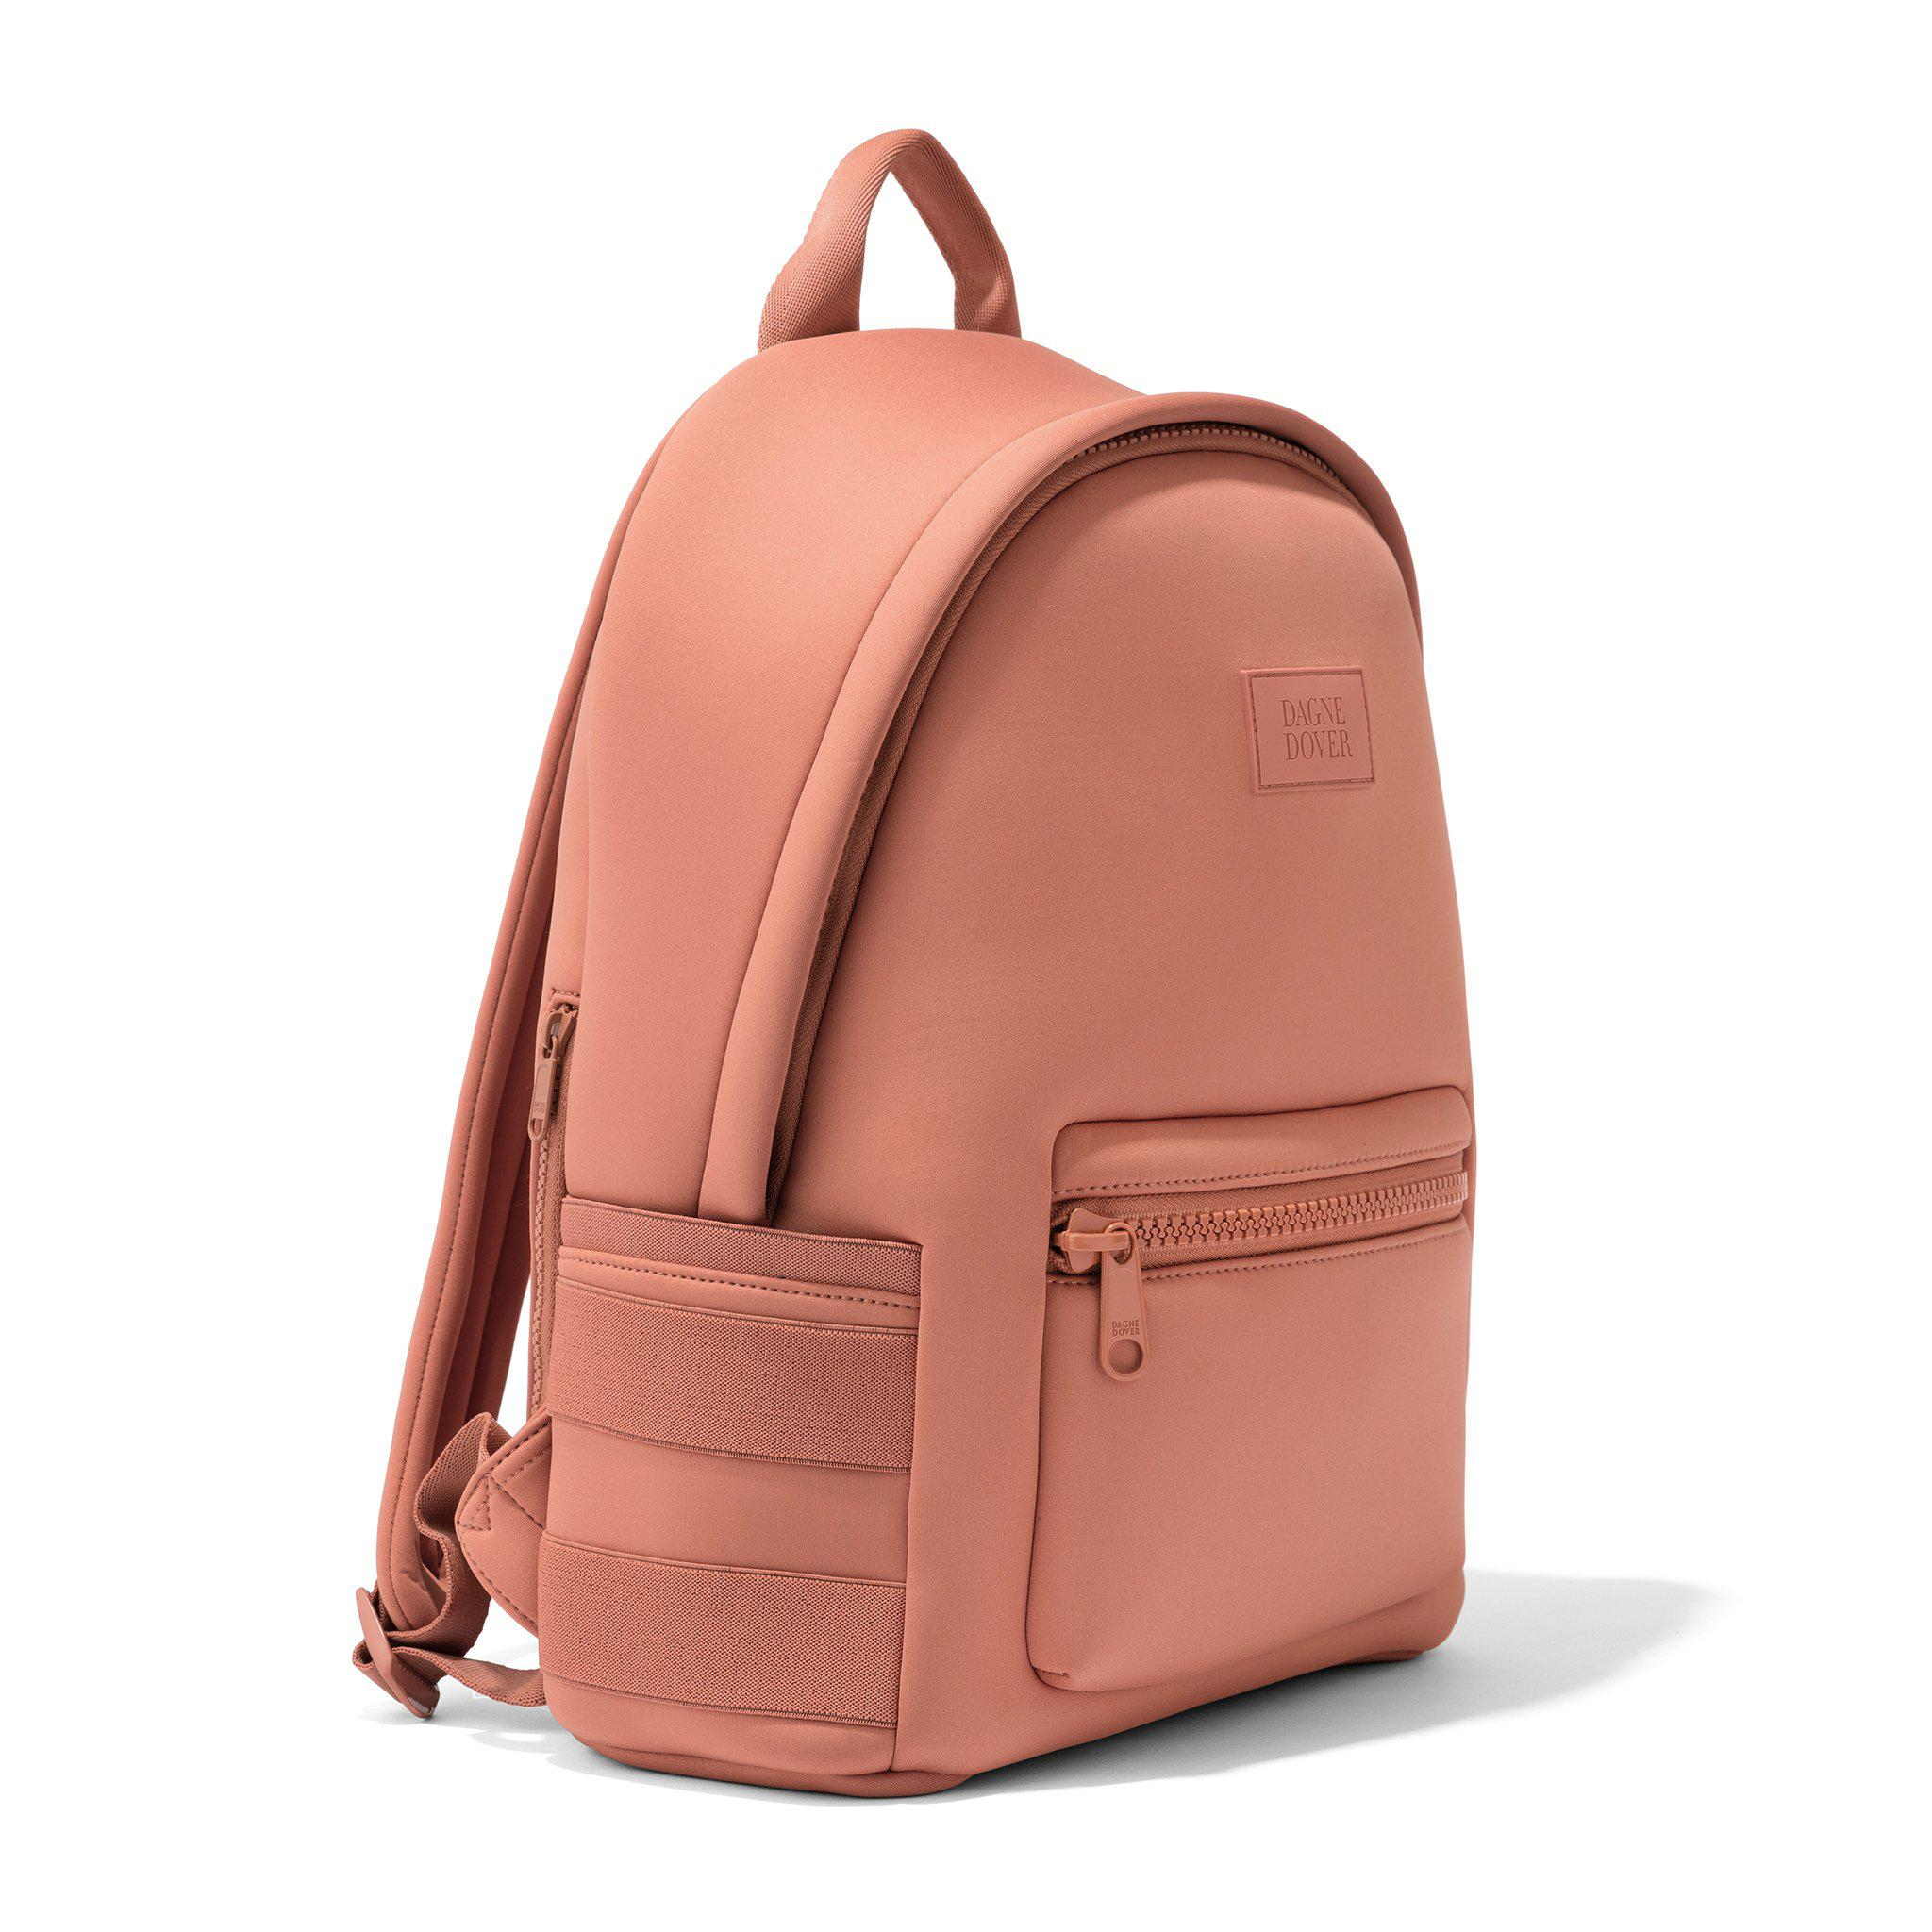 edc5eb99c298 Lyst - Dagne Dover Dakota Backpack - Sienna - Medium